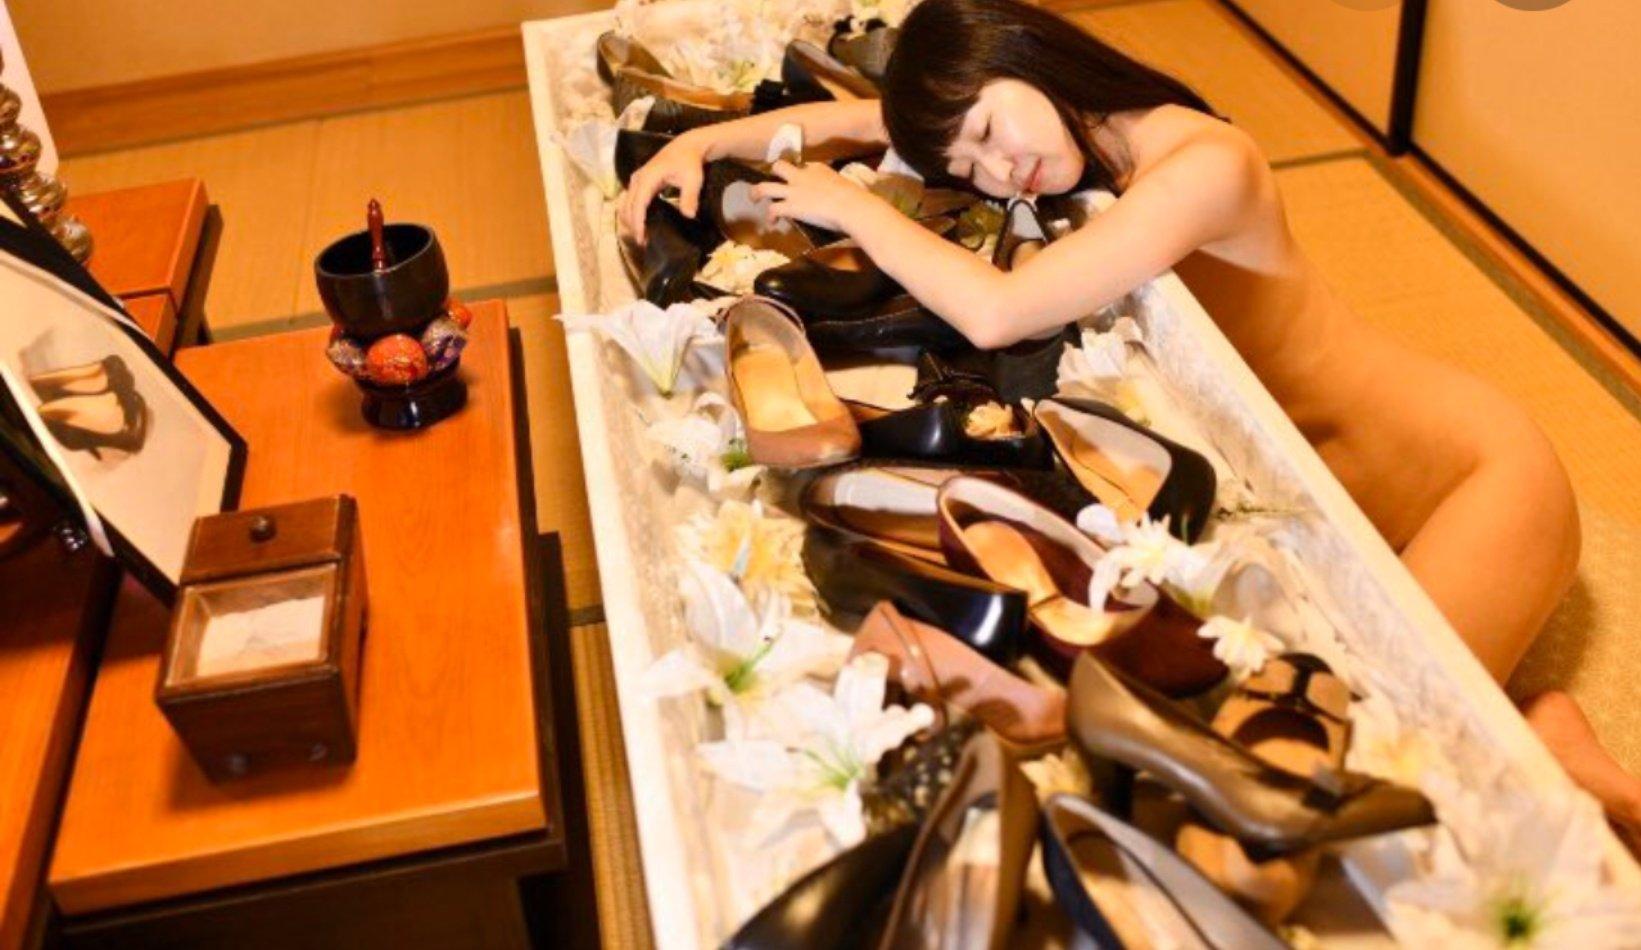 """海乱鬼 on Twitter: """"パチンコ店の広告活動、#KuToo の運動と書籍の広告活動に、女性の身体の露出をフル活用する石川優実さん  https://t.co/J0VEF6yuXJ… """""""